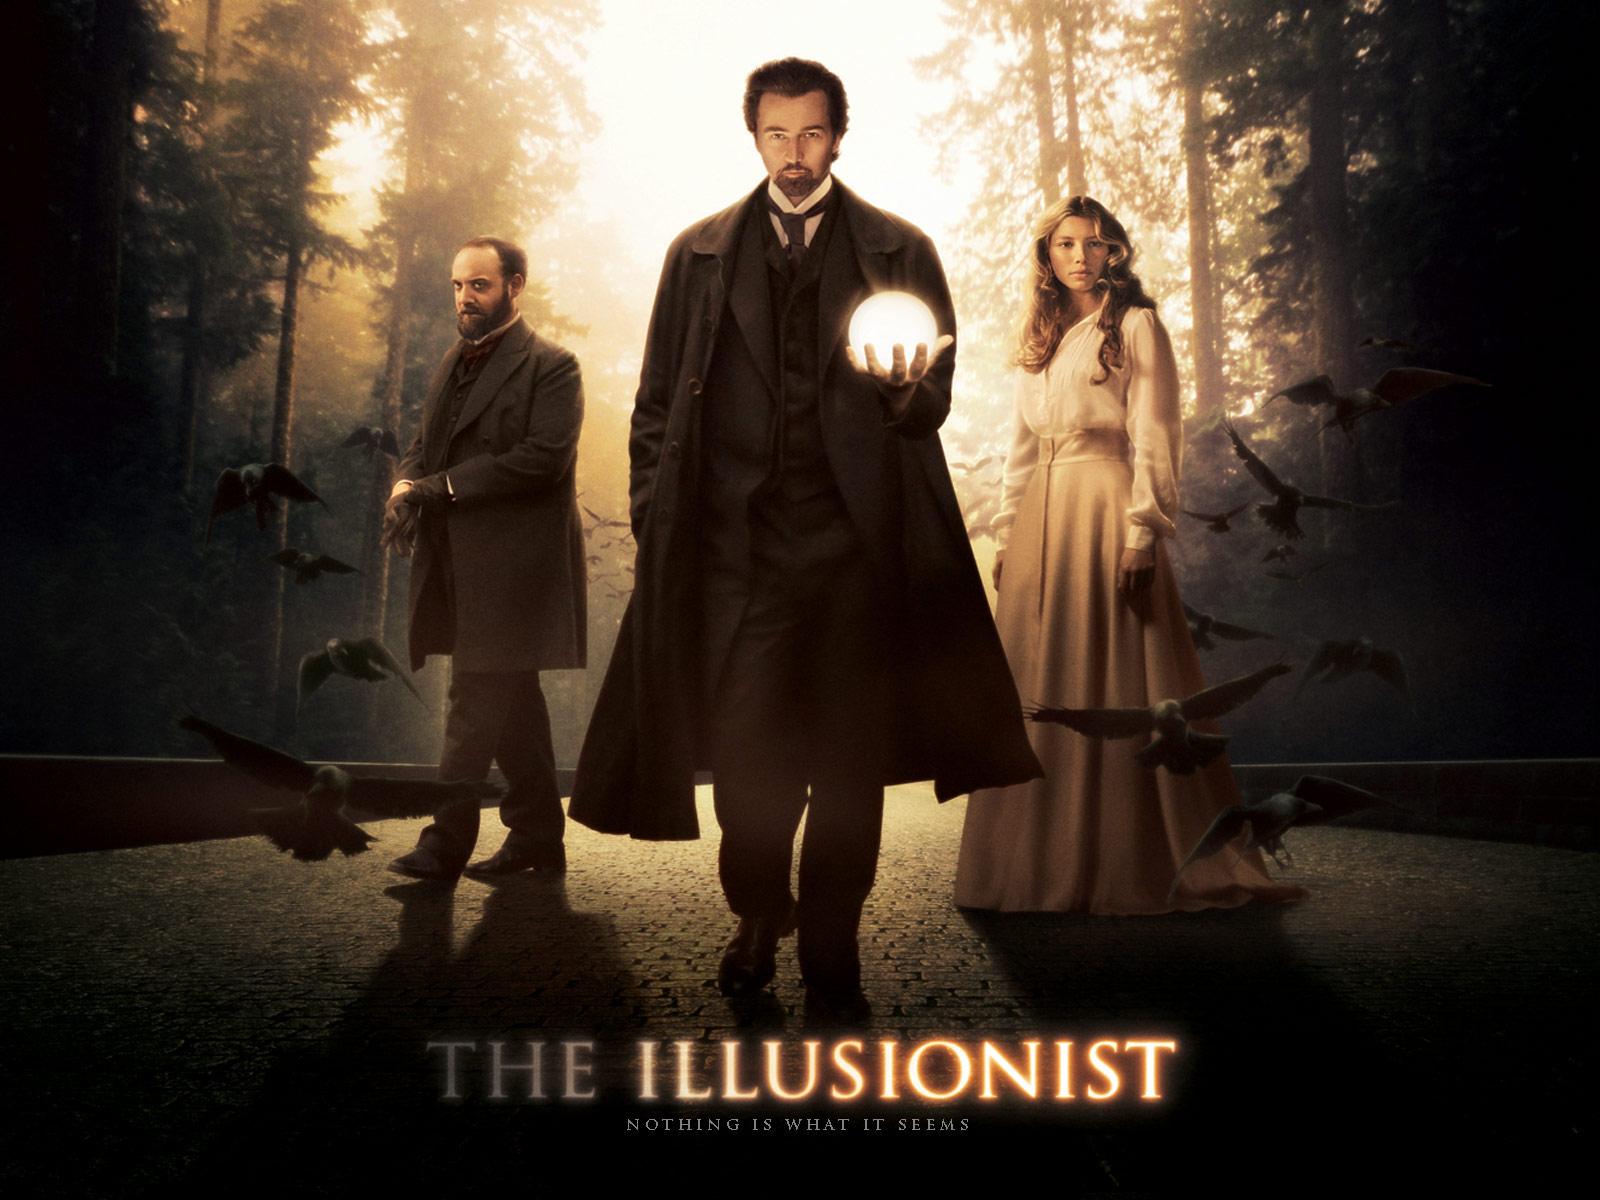 http://4.bp.blogspot.com/_Tqu6eu2JaLg/S-57IkEt4YI/AAAAAAAAAwQ/cw7BbLev22Y/s1600/2006_the_illusionist_wallpaper_0012.jpg